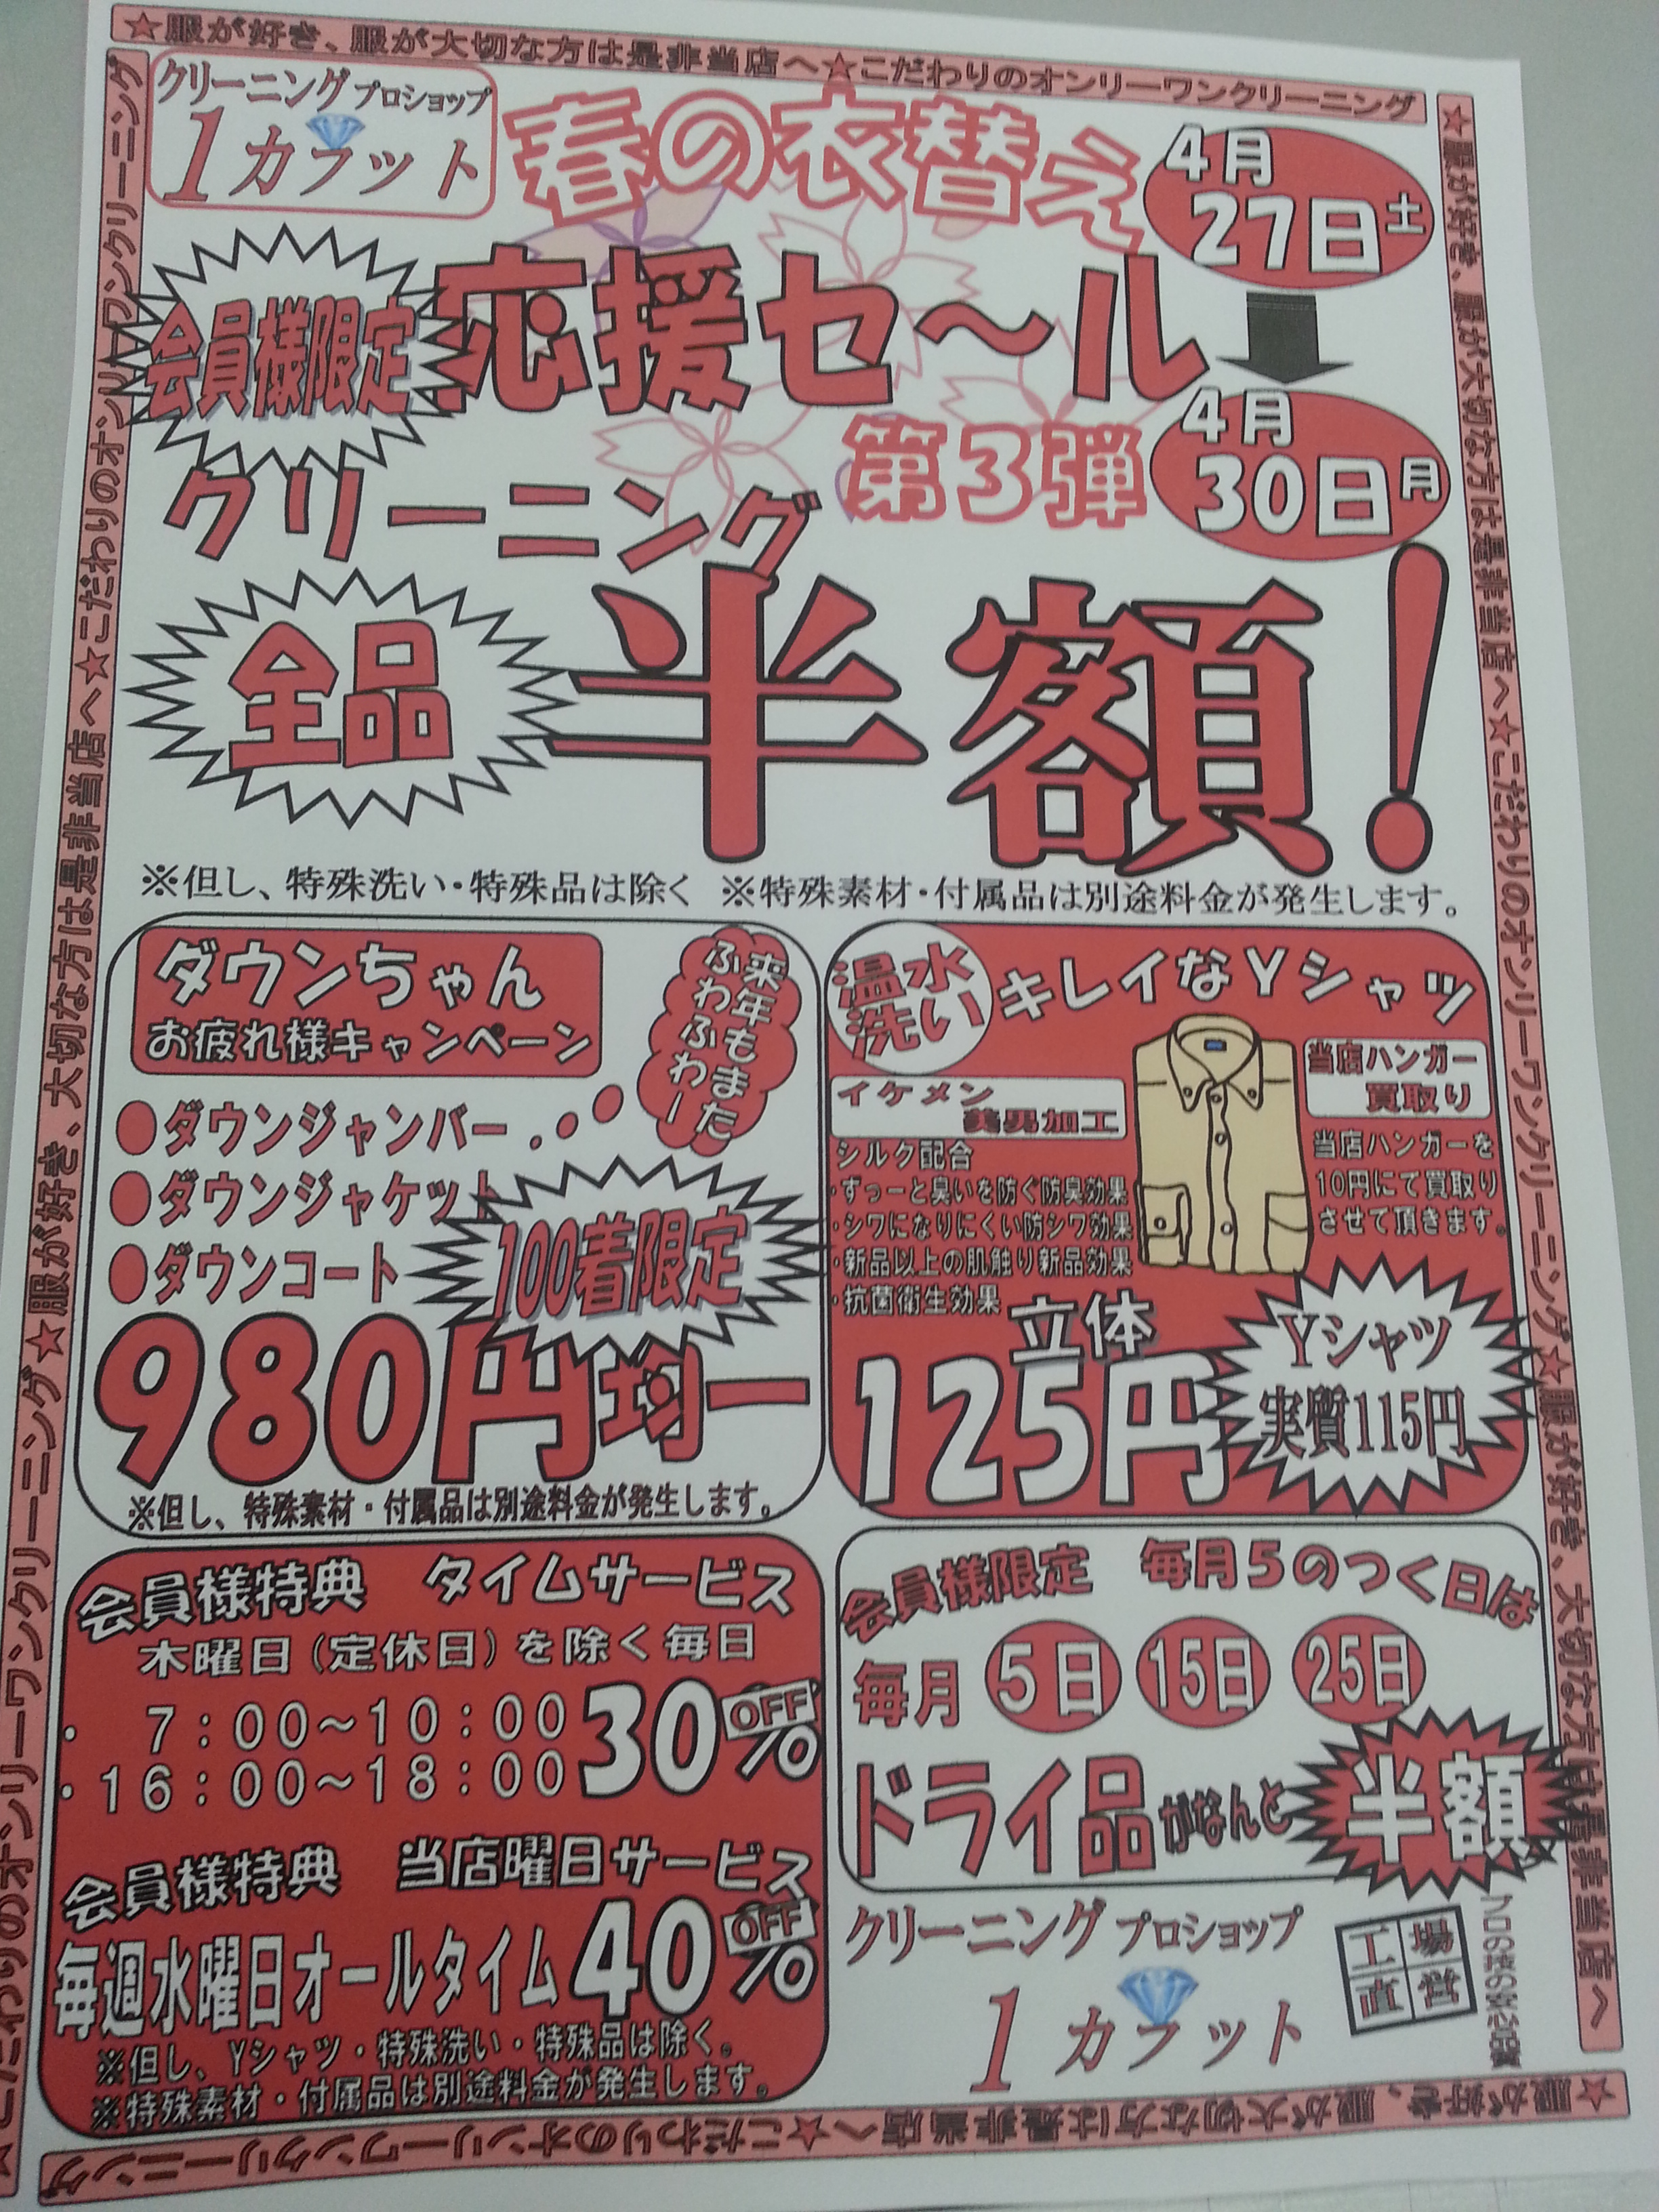 西新井にお住まいの方へ!!